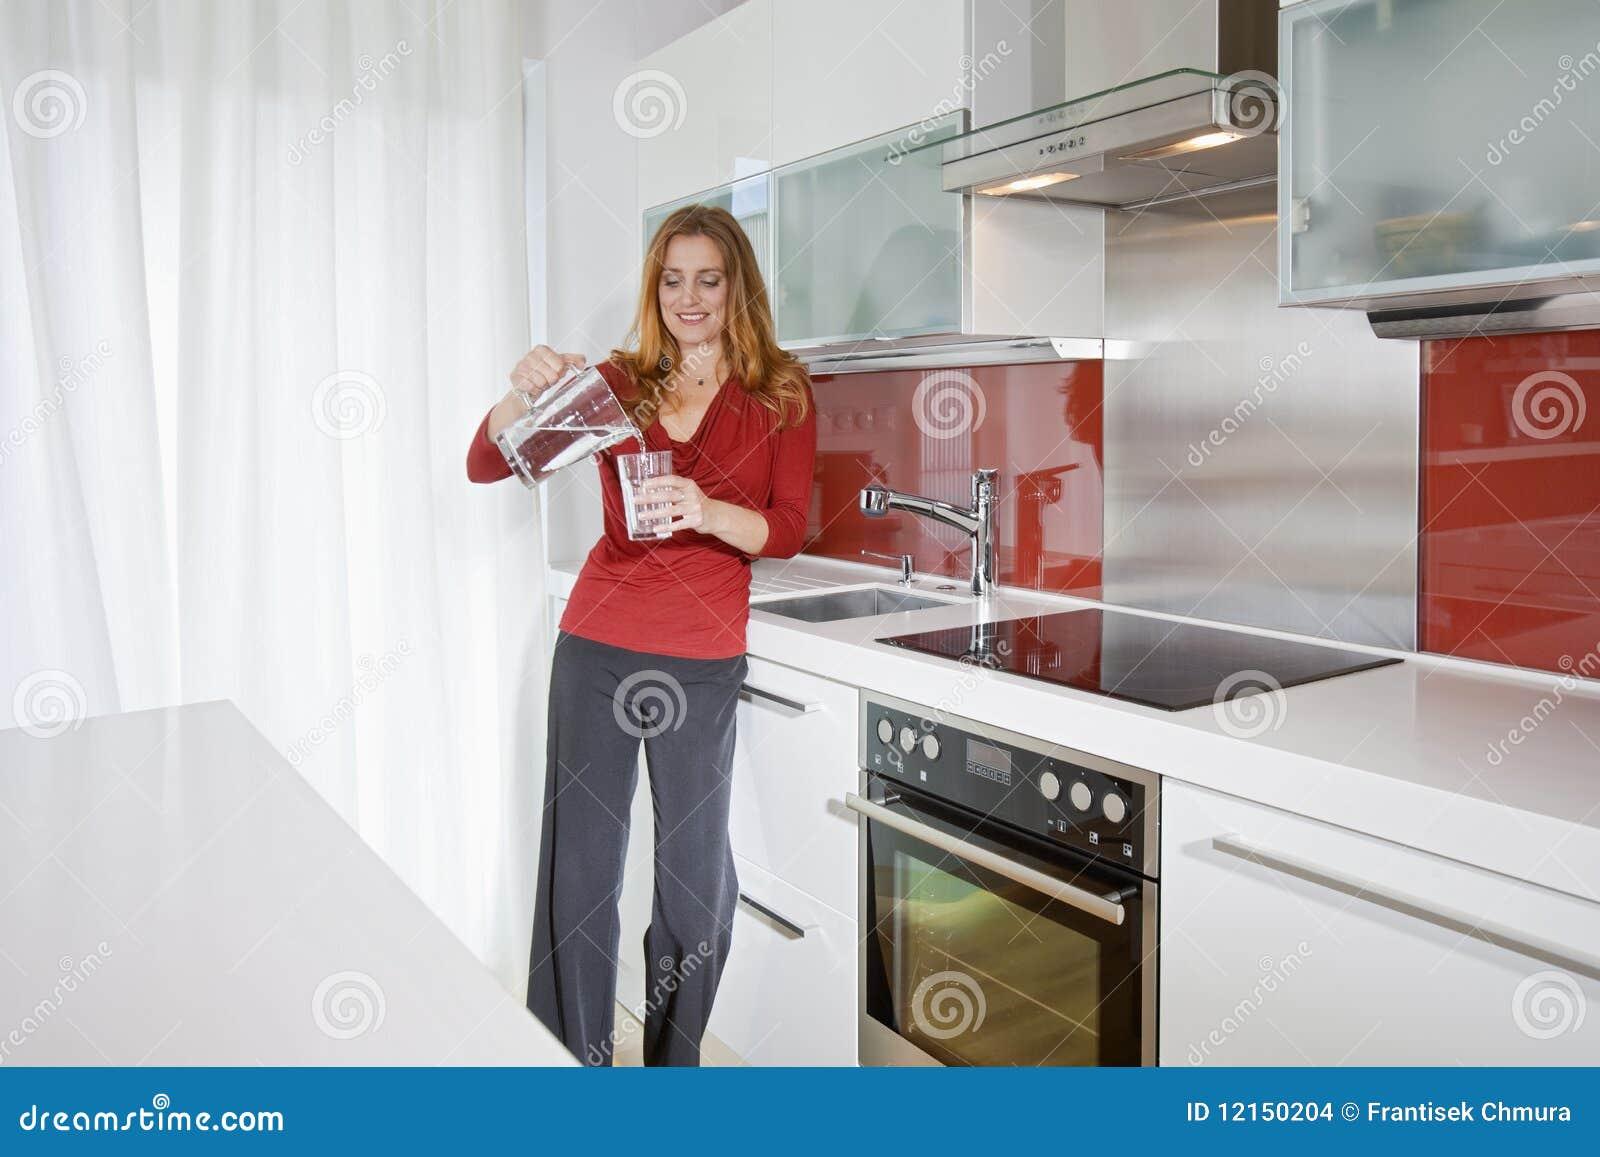 Femme dans la cuisine moderne photo stock image du pi ce - Video amour dans la cuisine ...